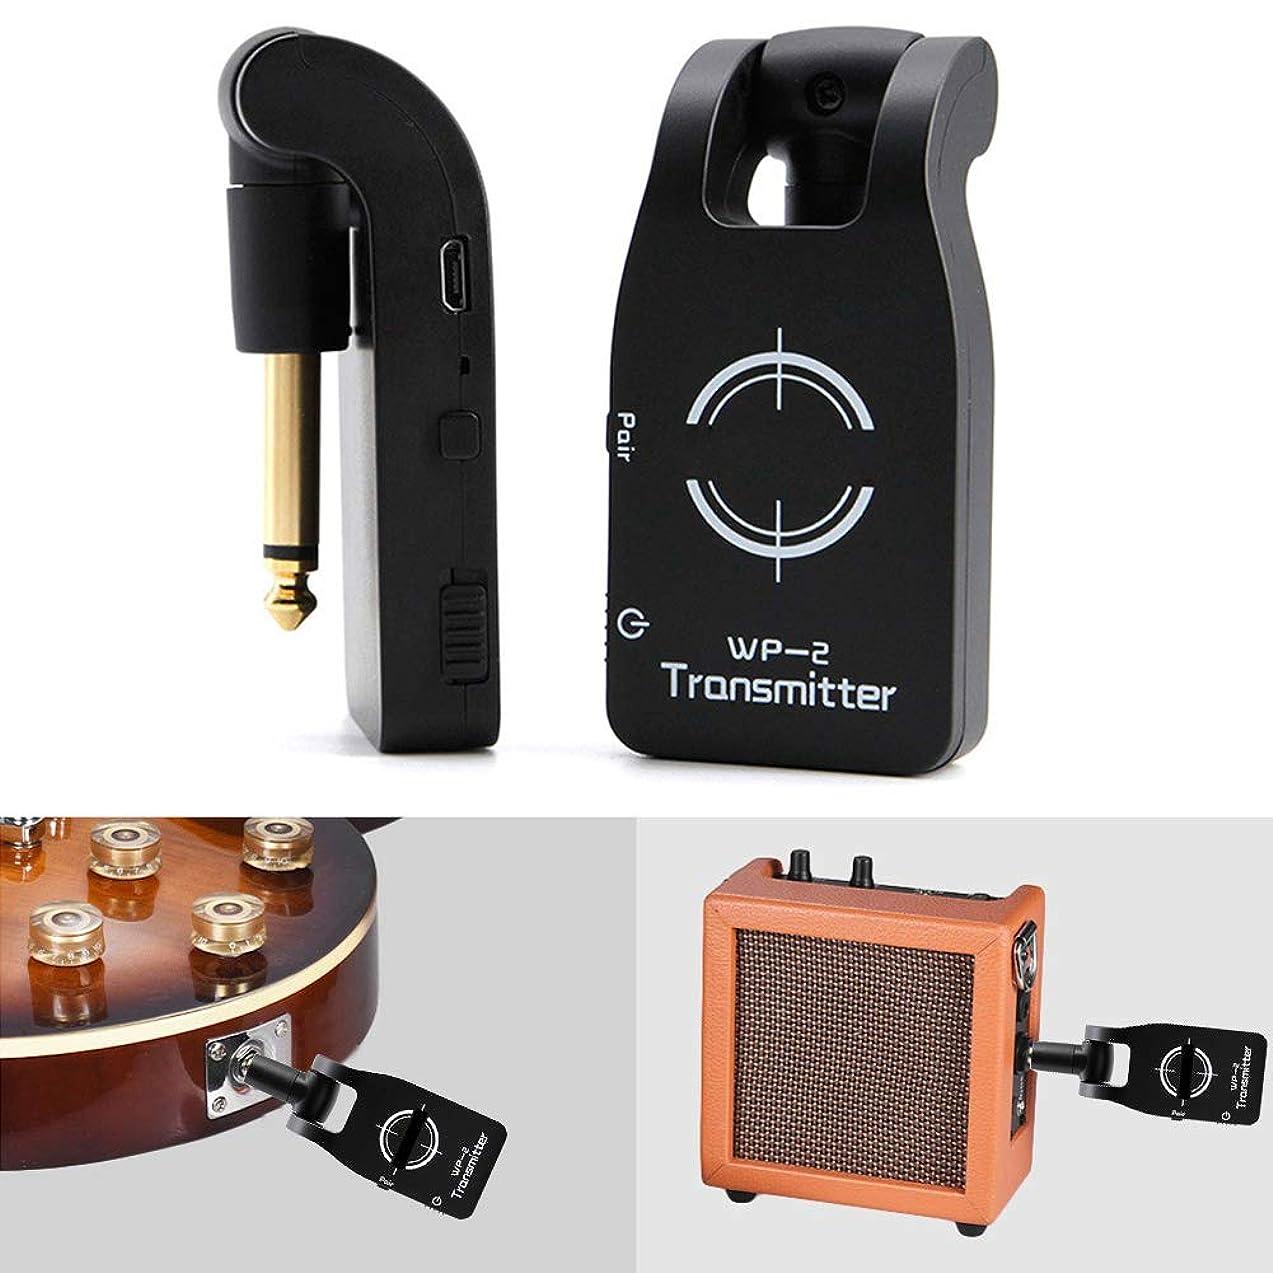 Finetoknow Guitar Transmitter Receiver, Guitar Wireless Transmitter Receiver for Electric Guitar, 2.4GHZ Wireless USB Rechargeable Electric Guitar System Digital Bass Audio Transmitter Receiver